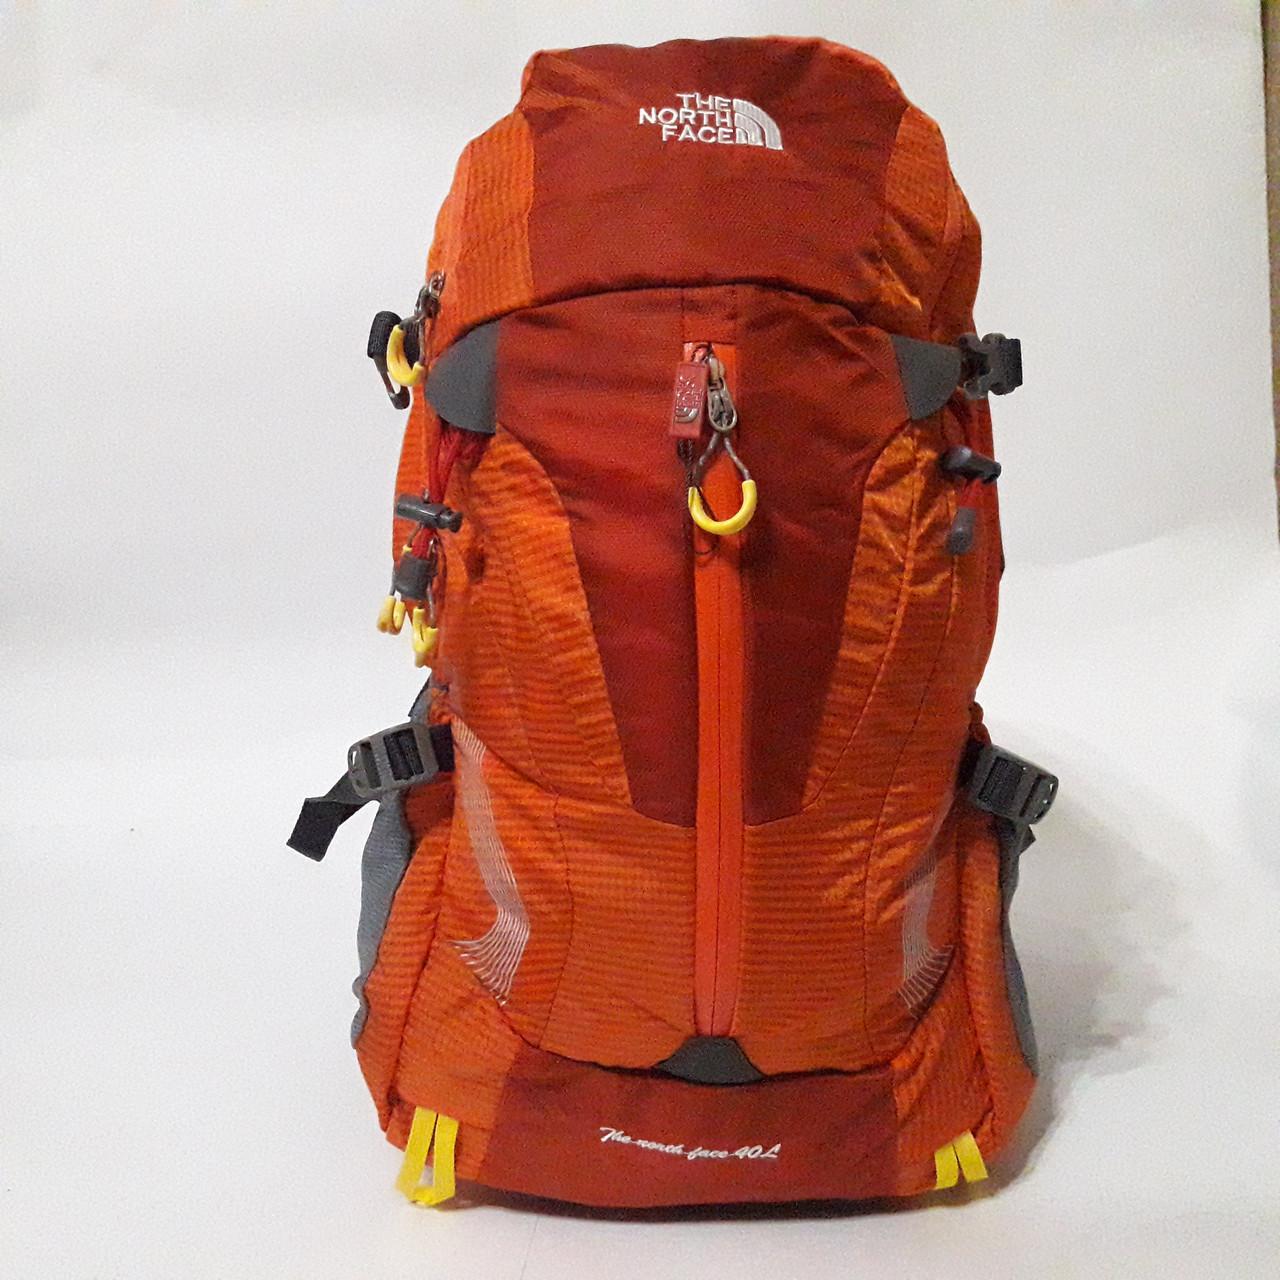 Спортивный рюкзак The North Face 40 л стильный яркий оранжевый